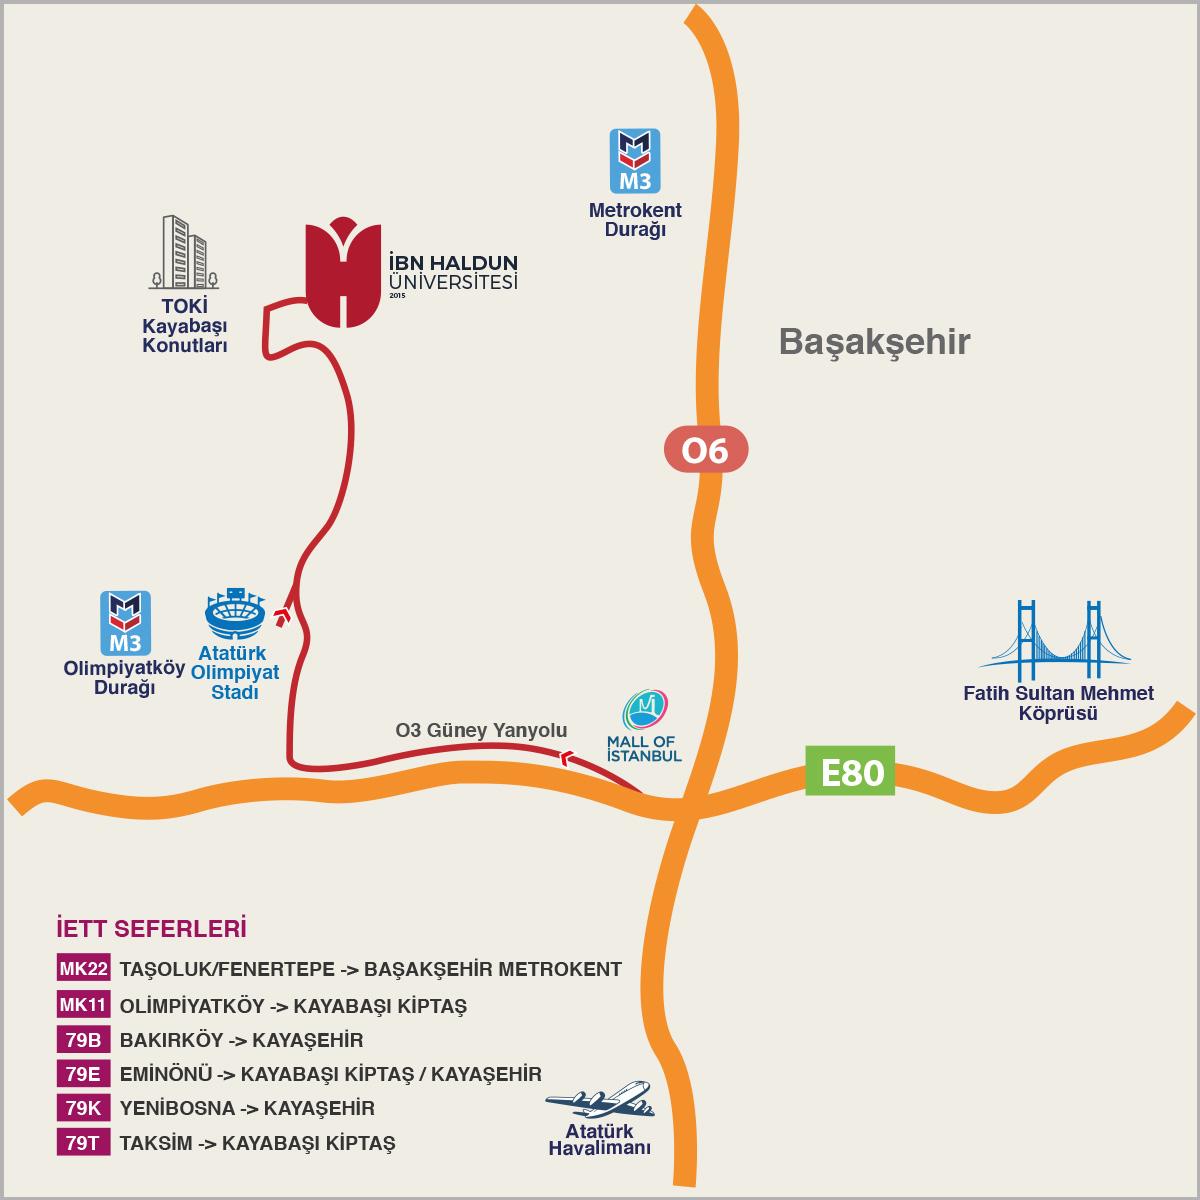 İbn Haldun Üniversitesi Ulaşım Krokisi, Haritası